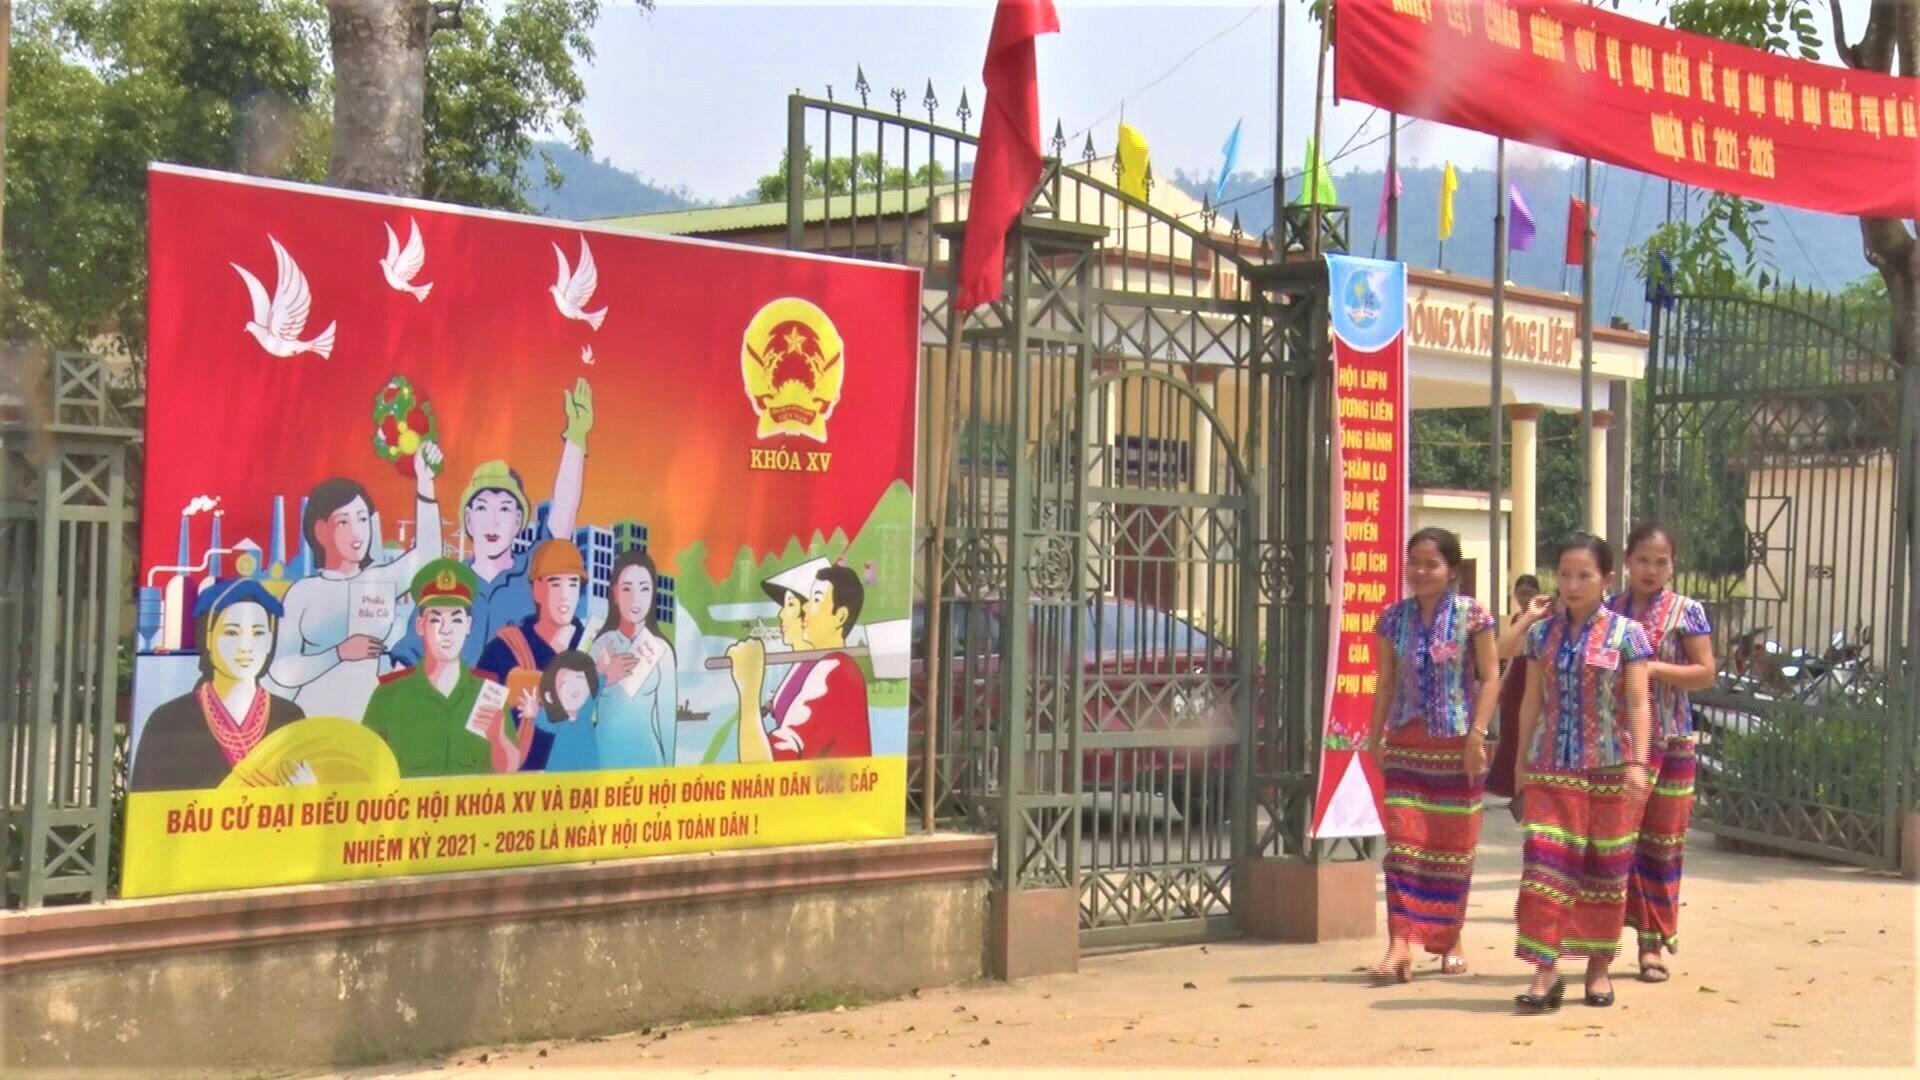 Pa nô, khẩu hiệu tuyên truyền ngày bầu cử tại xã miền núi Hương Liên huyện Hương Khê (Hà Tĩnh)